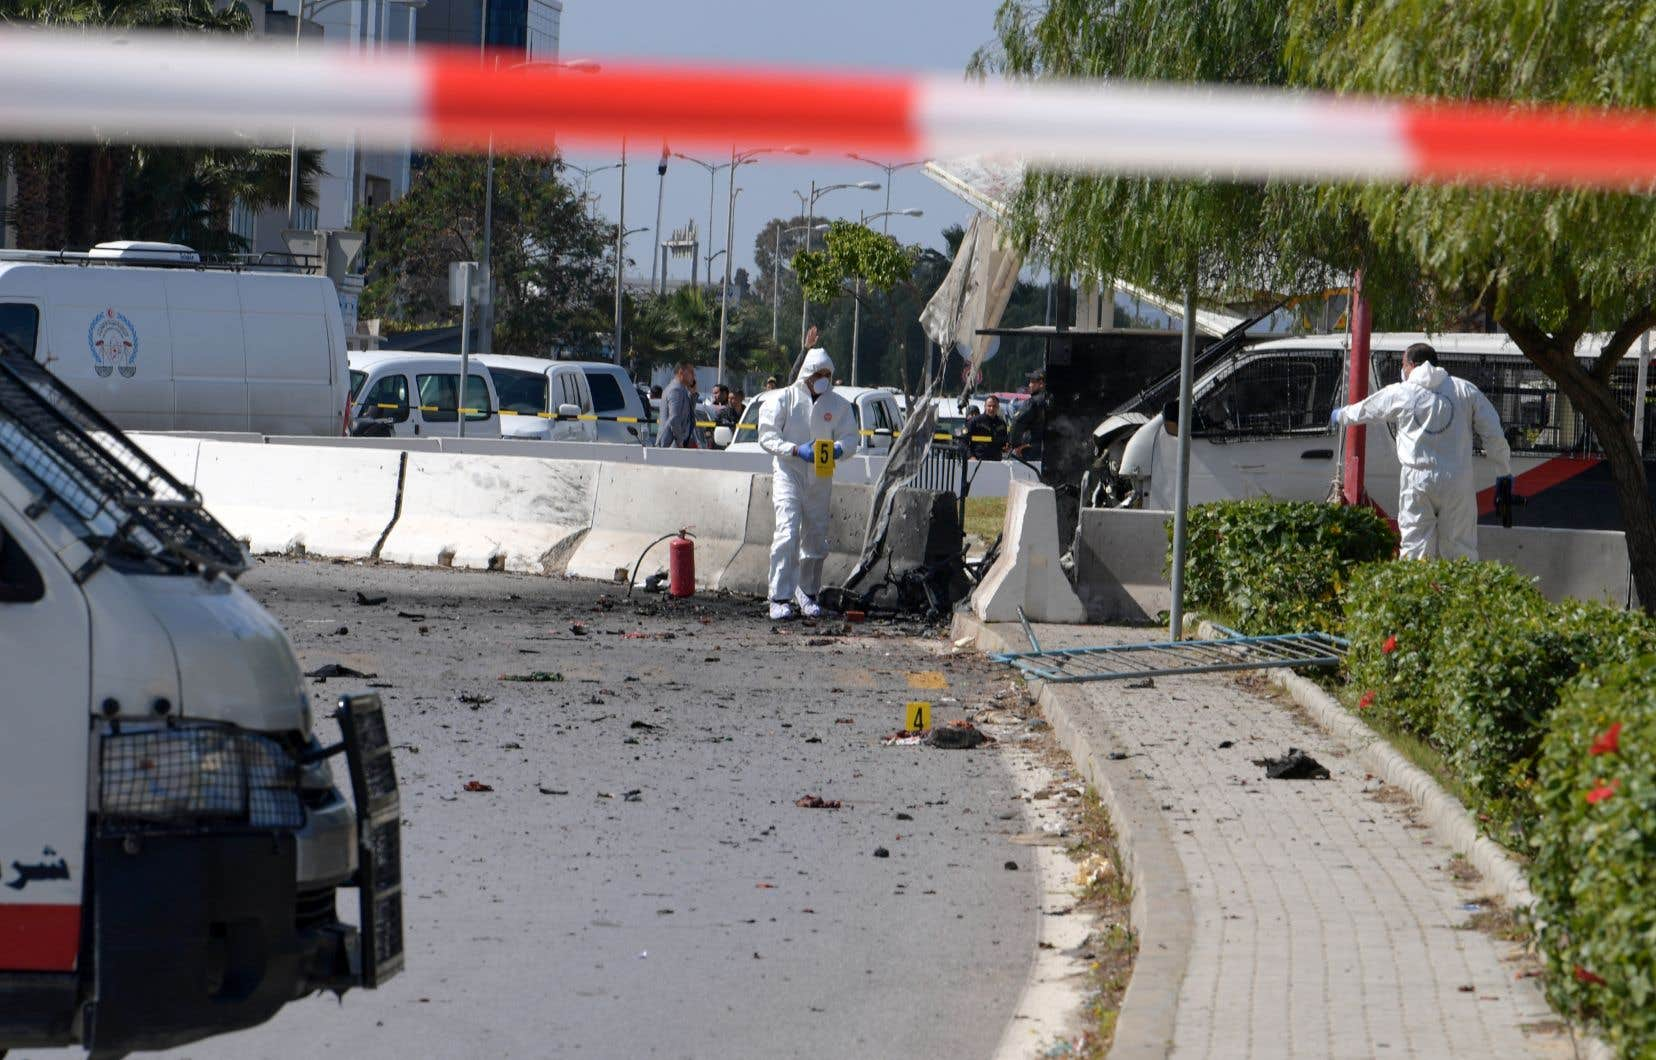 L'explosion a retenti en fin de matinée près de l'ambassade américaine, dans le quartier des Berges du Lac, à une dizaine de kilomètres du centre-ville.